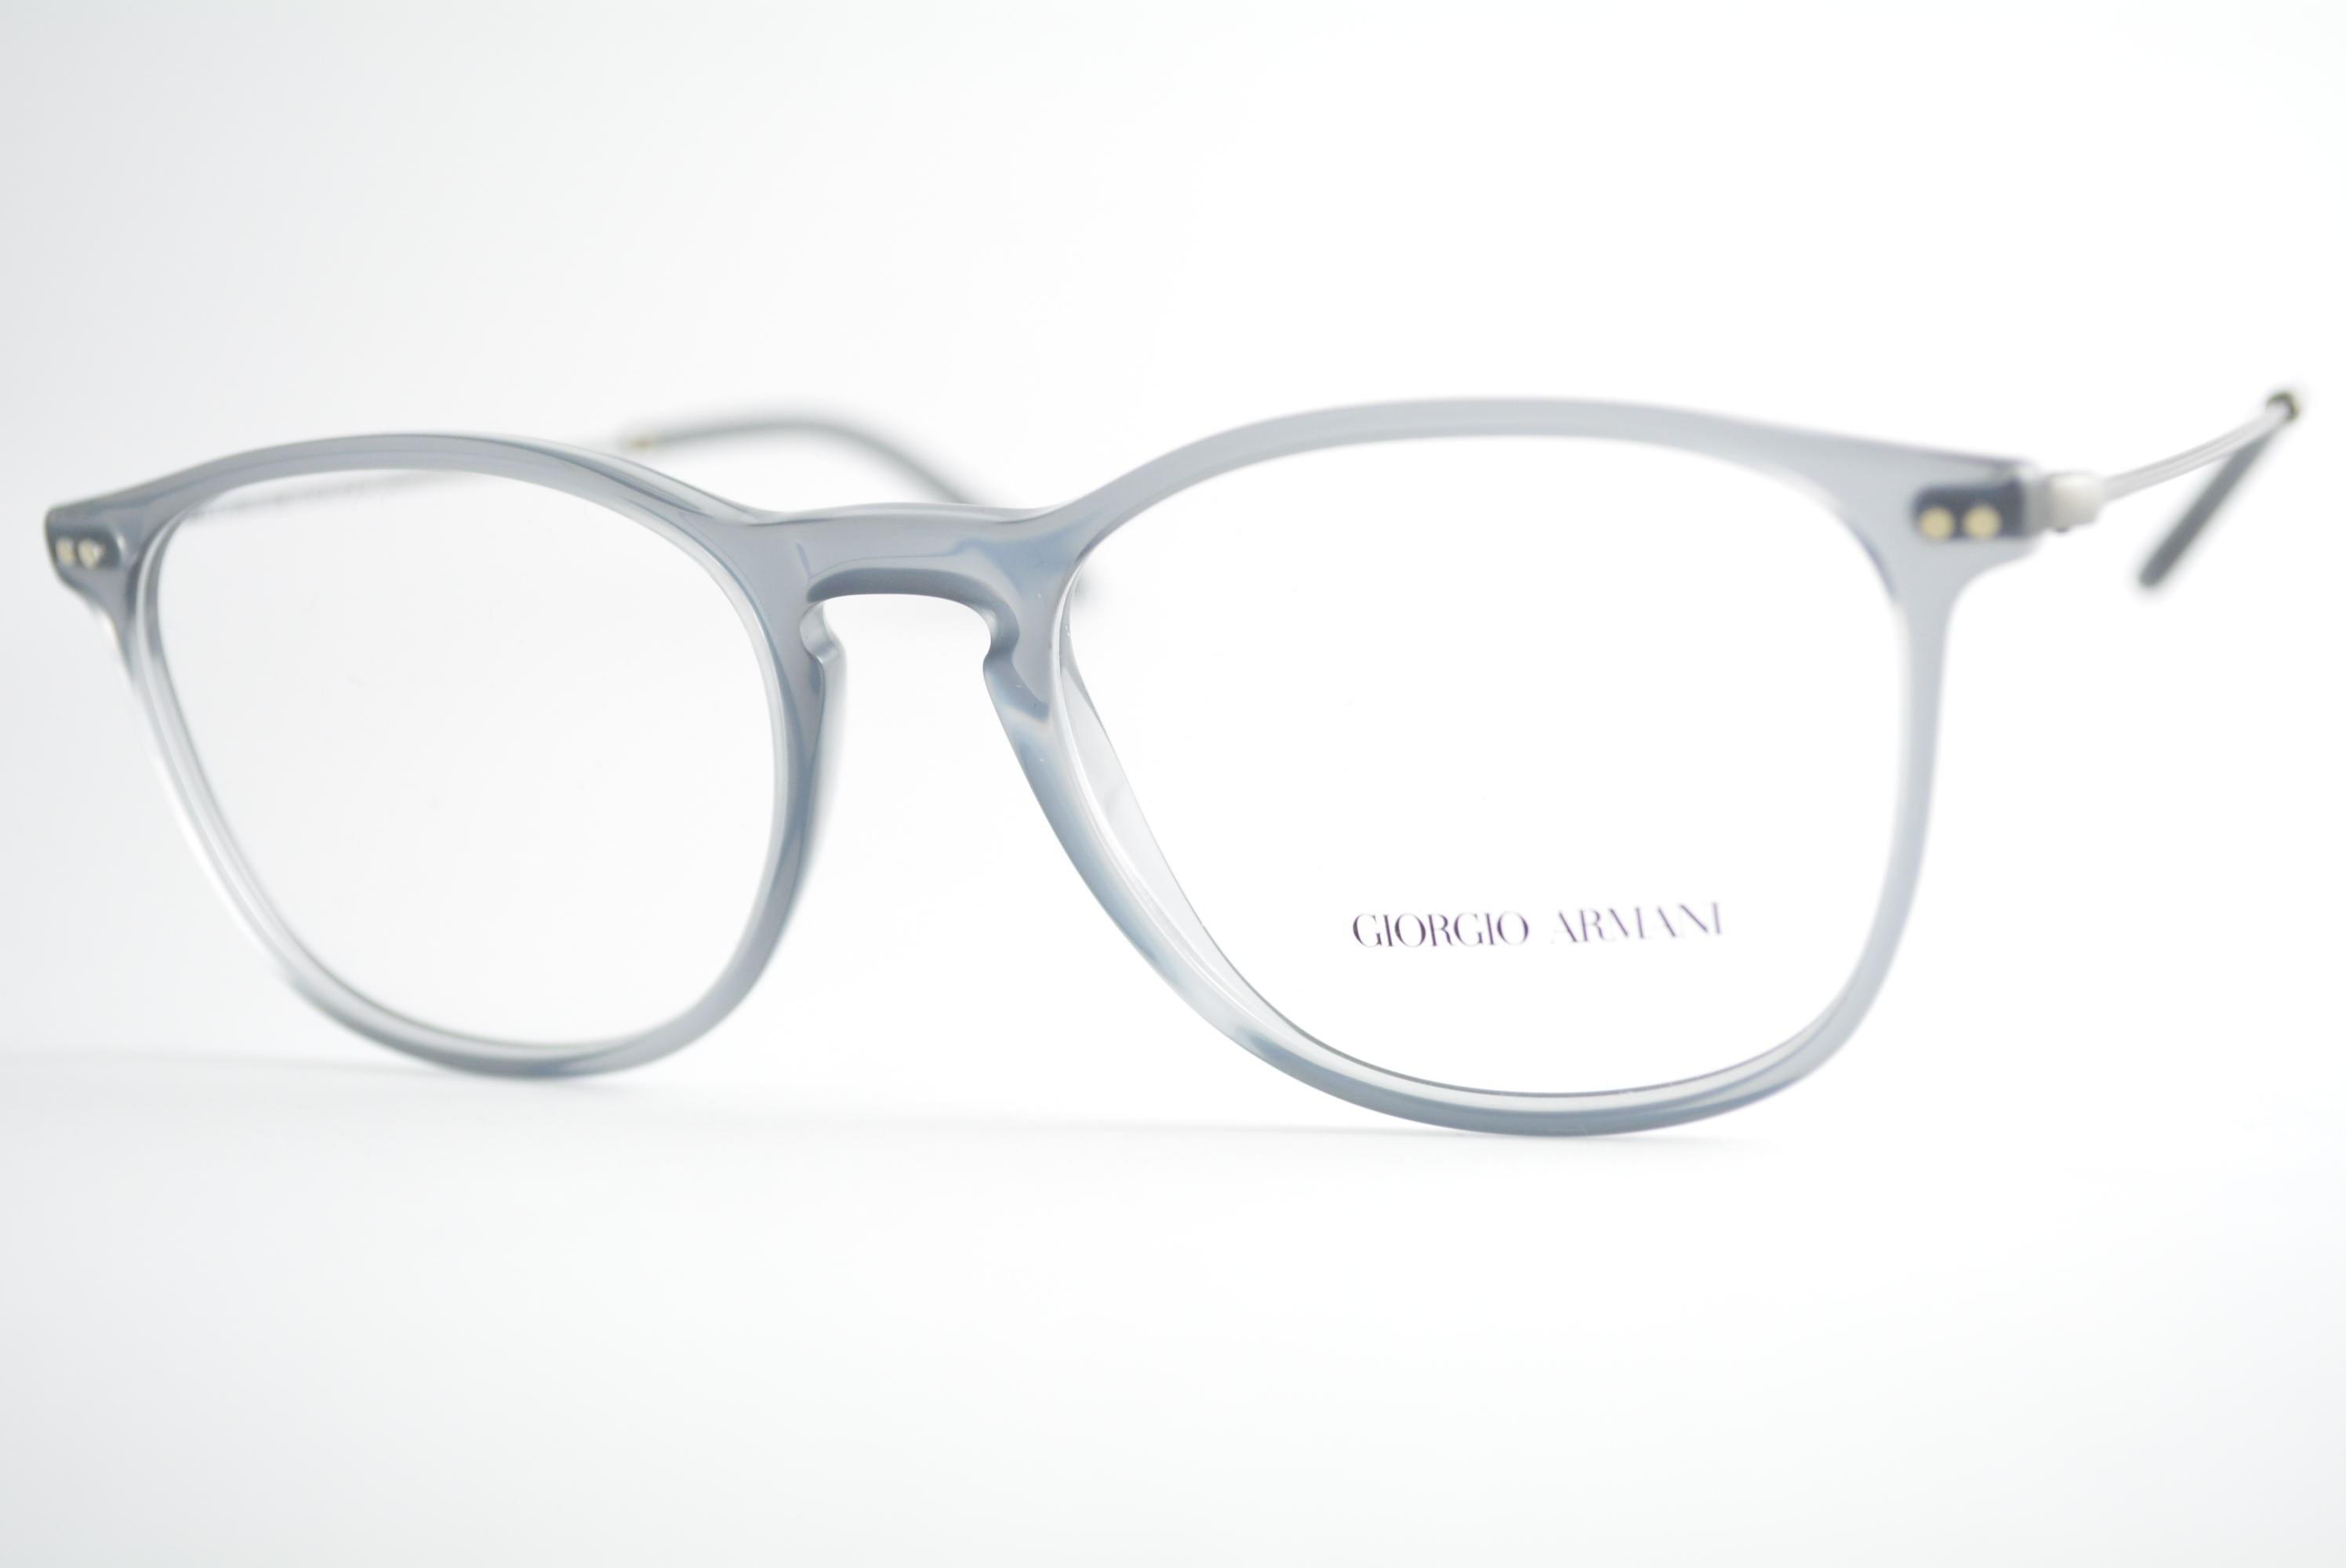 ee56d1c8ca06a armação de óculos Giorgio Armani mod ar7160 5681 Ótica Cardoso